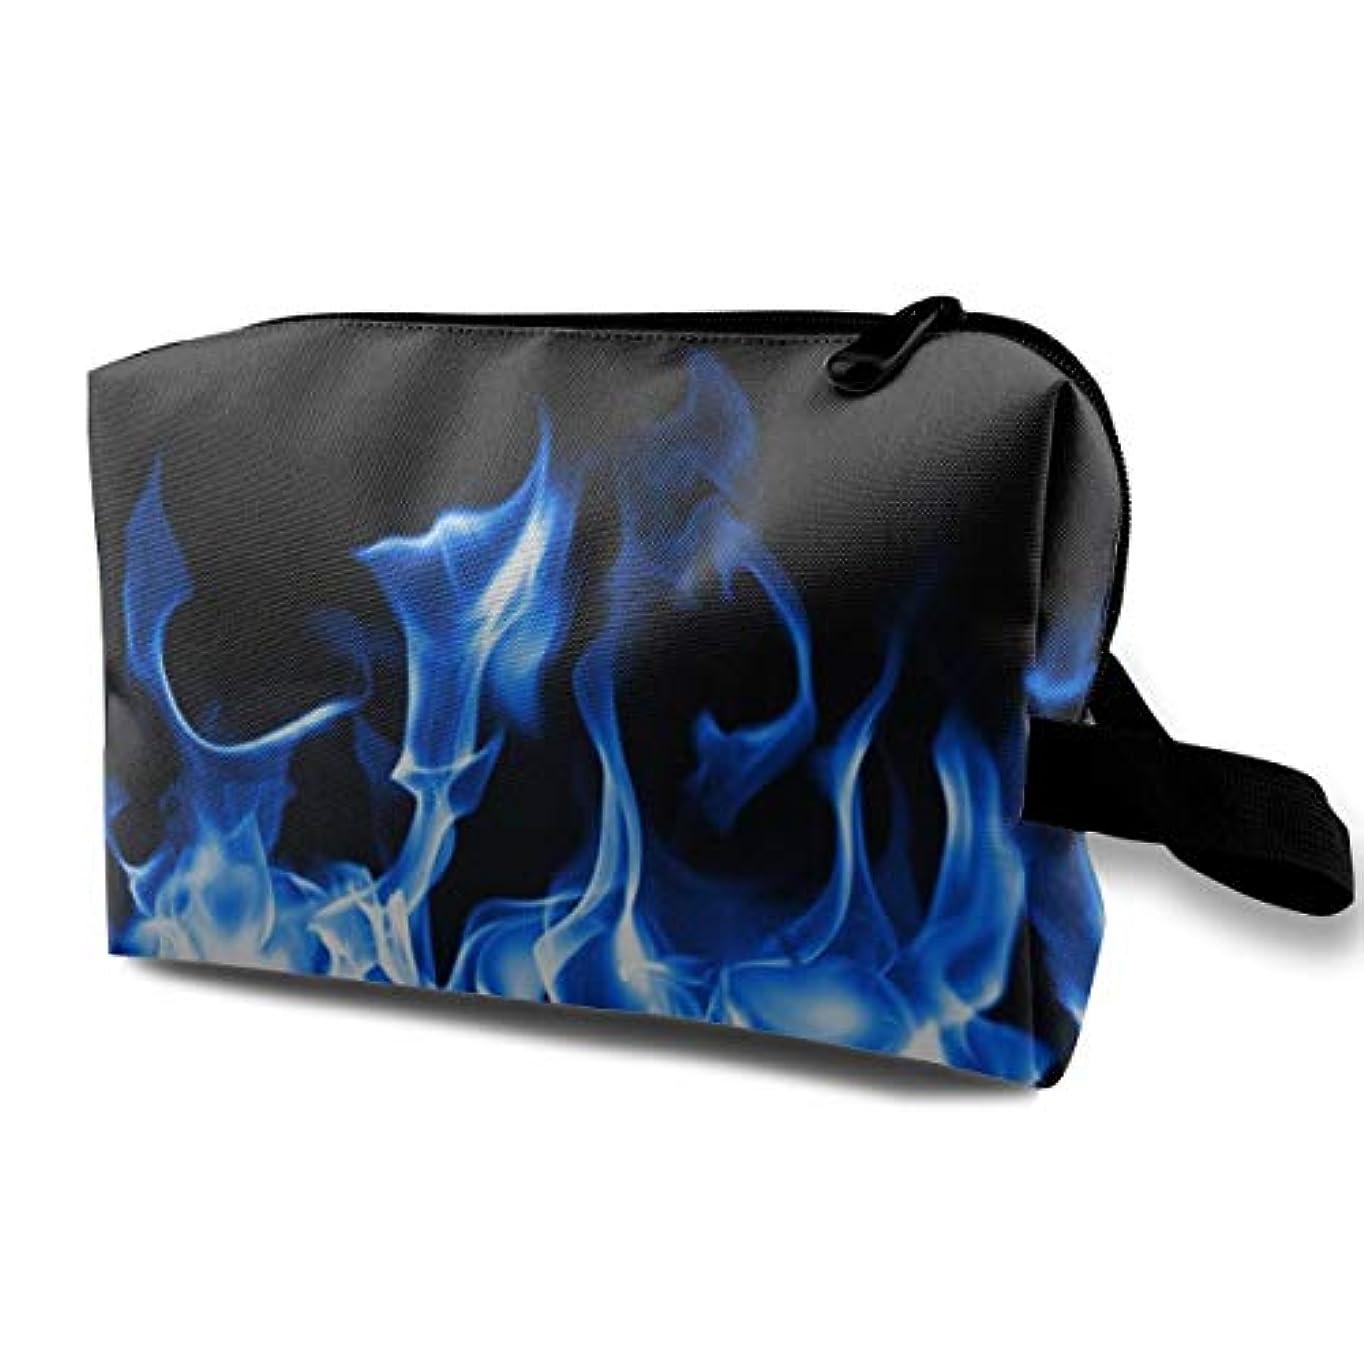 ベジタリアン緊張信頼性のあるBlue Fire 収納ポーチ 化粧ポーチ 大容量 軽量 耐久性 ハンドル付持ち運び便利。入れ 自宅?出張?旅行?アウトドア撮影などに対応。メンズ レディース トラベルグッズ